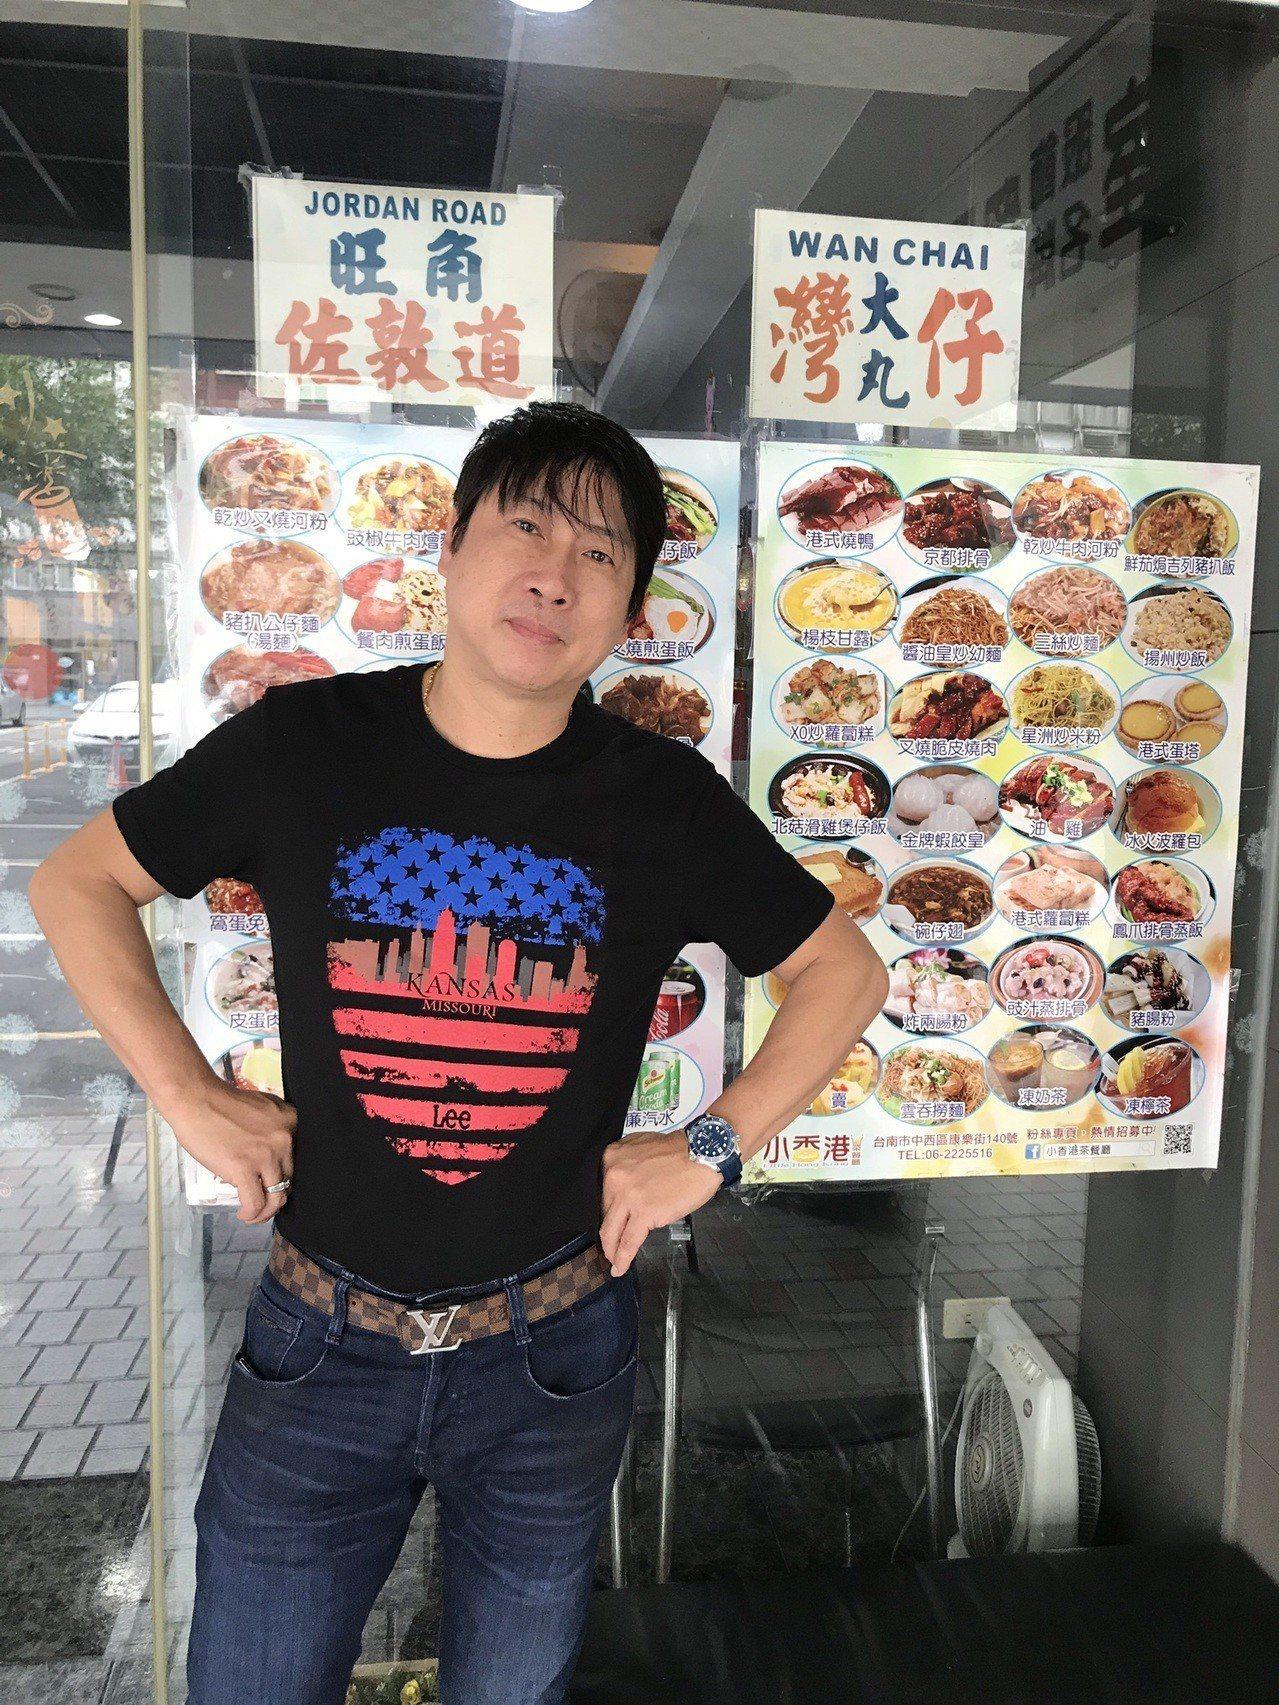 來自香港的戴惠華到台灣生活已27年,6年前在台南開了「小香港茶餐廳」,過程中雖遇...